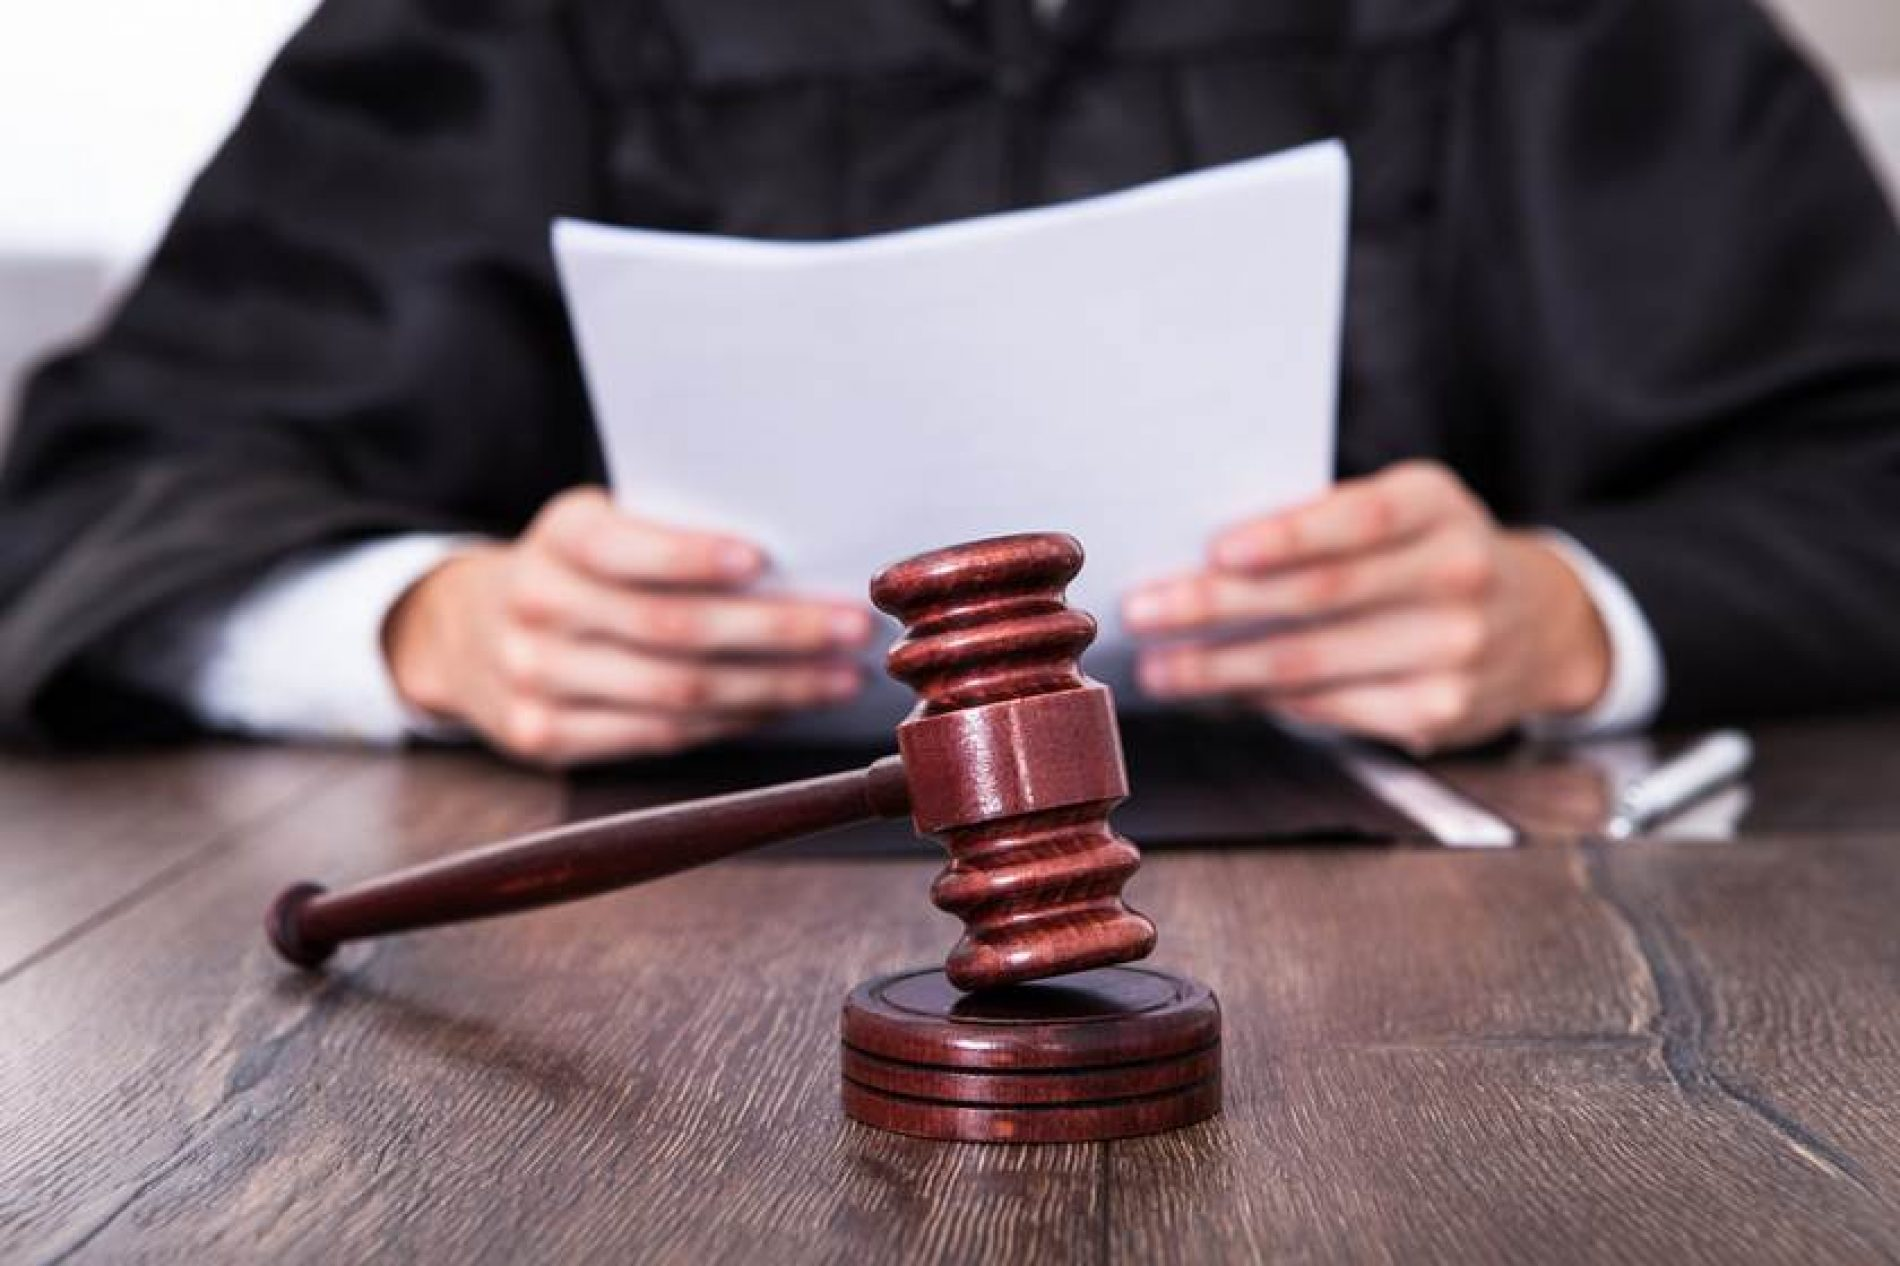 Tribunal do Júri: chance de condenação é maior quando vítima é mulher